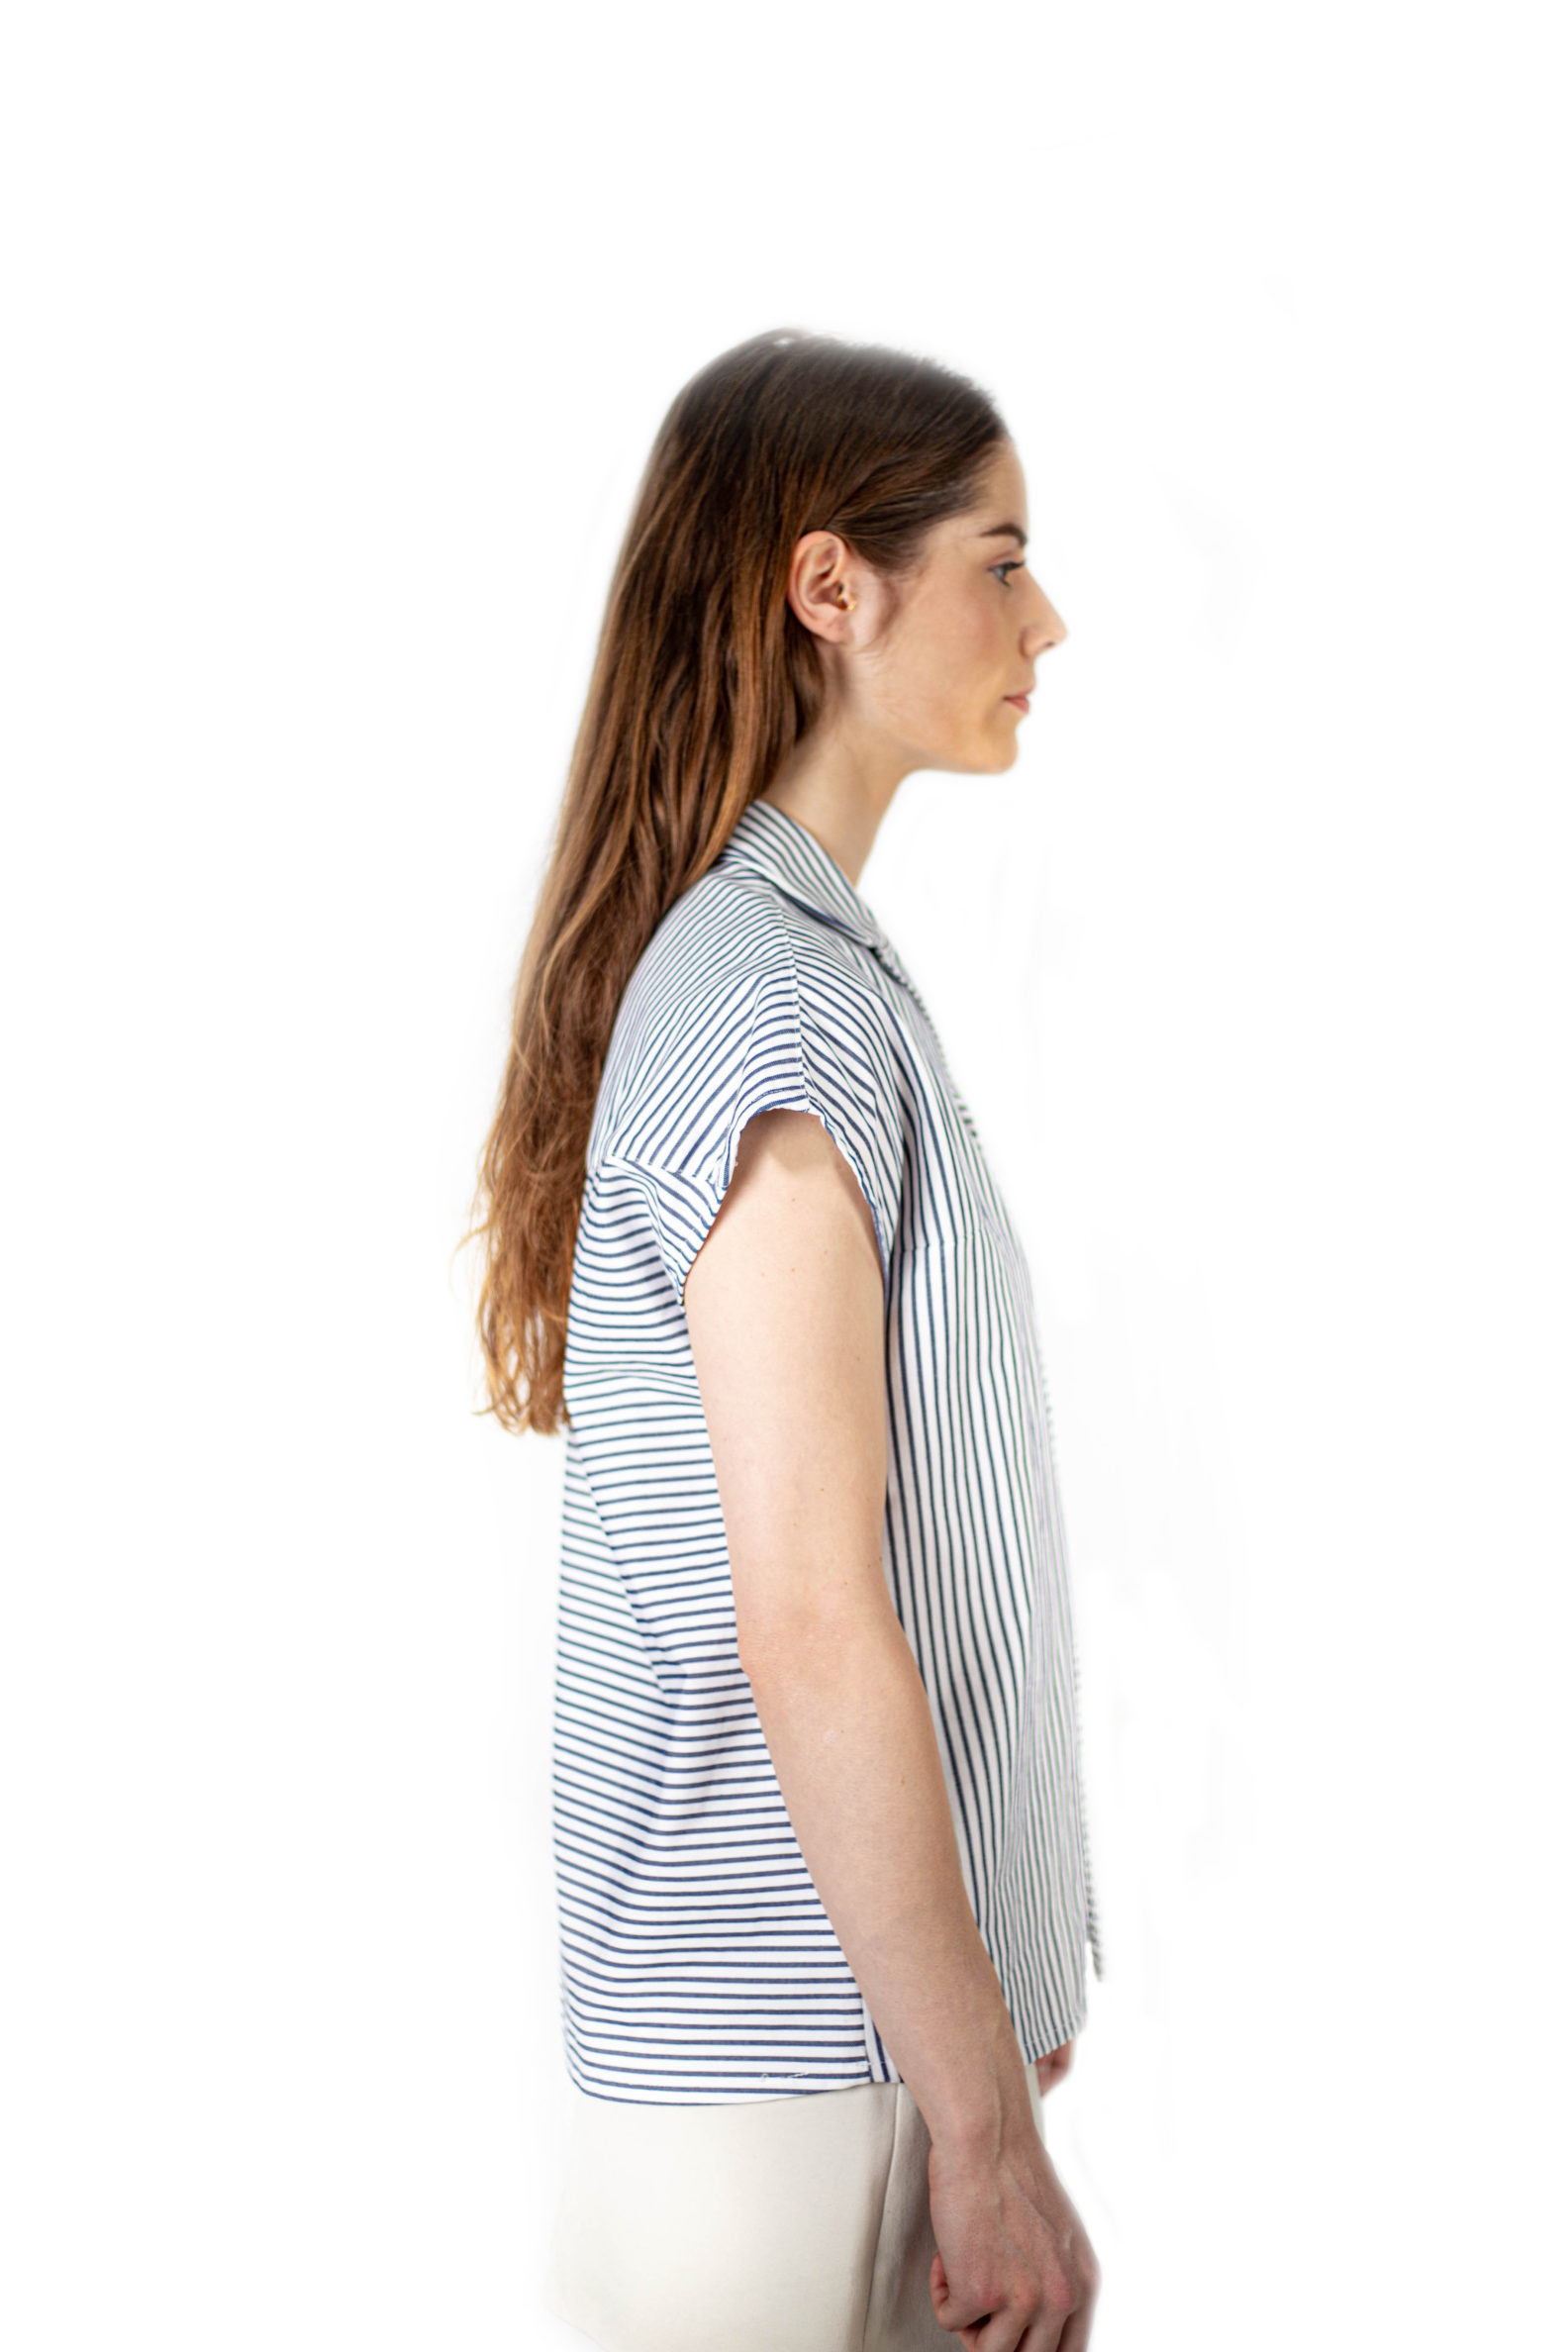 chemise unisexe upcycling sans manches aqntagony affaires etrangeres